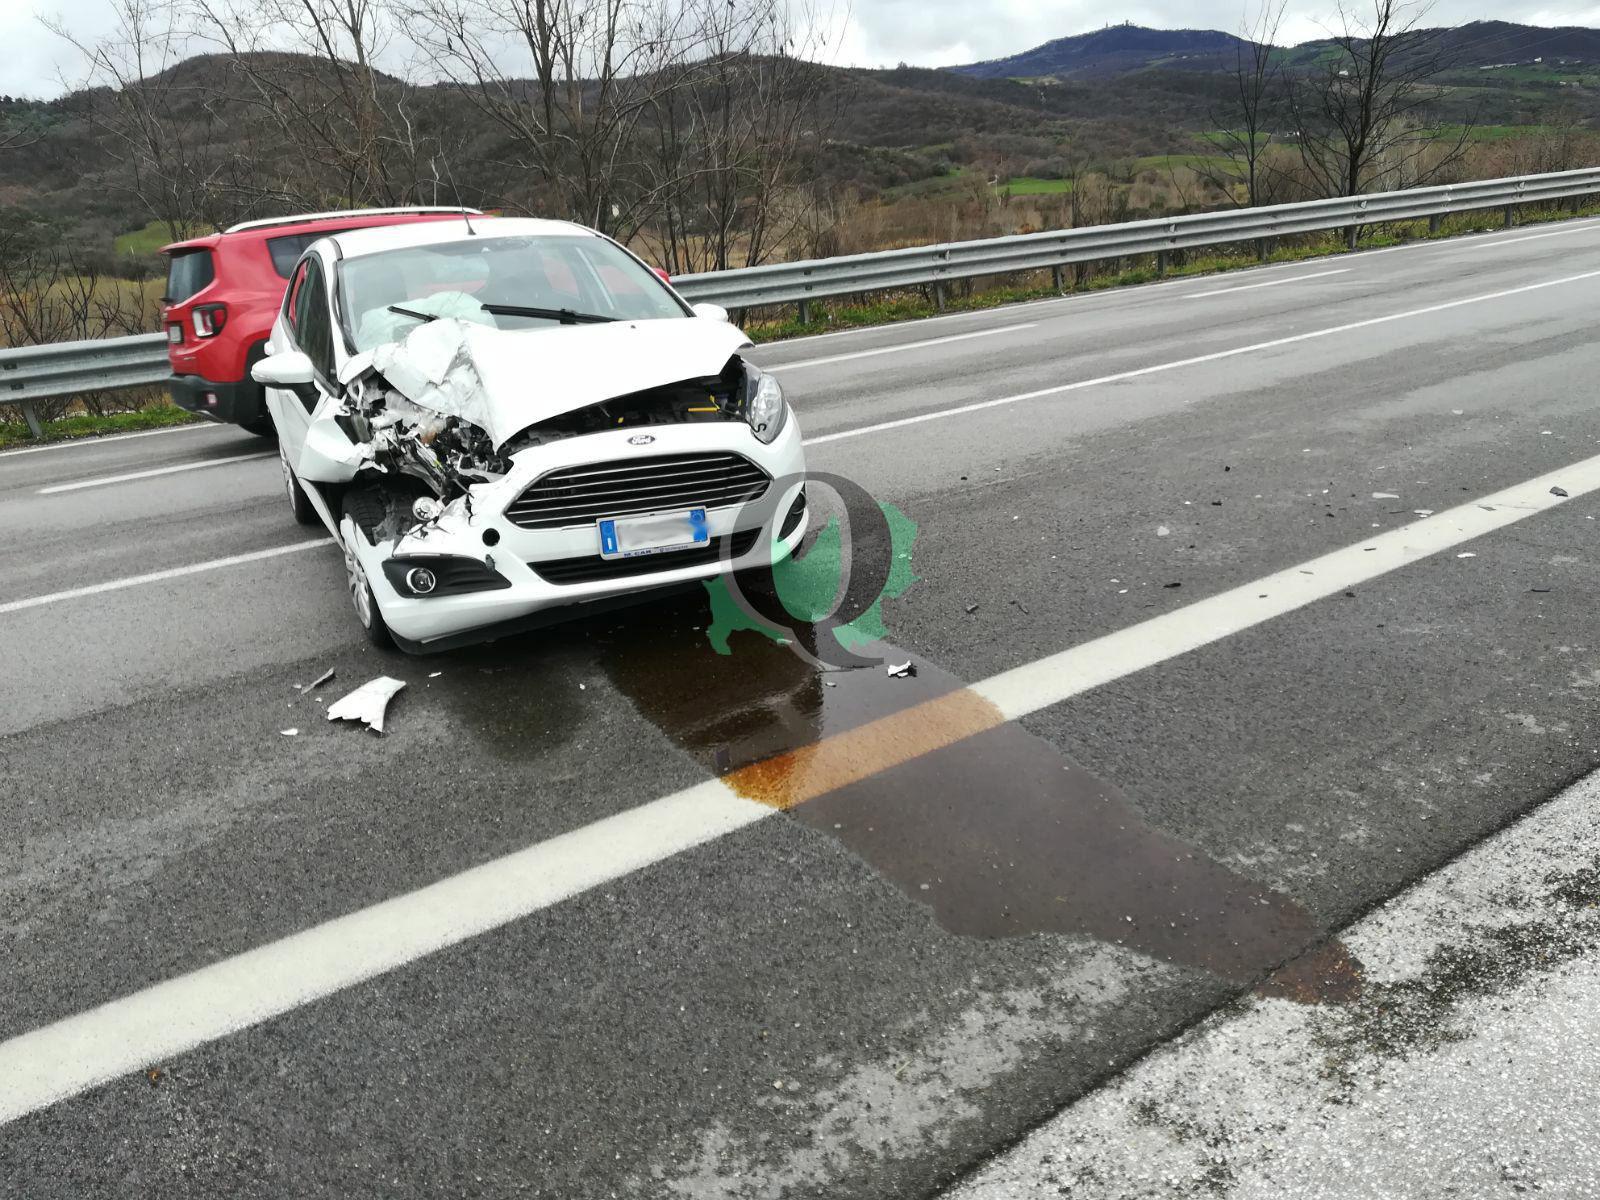 Tamponamento lungo SS 647 tra auto e pullman, un ferito (foto)